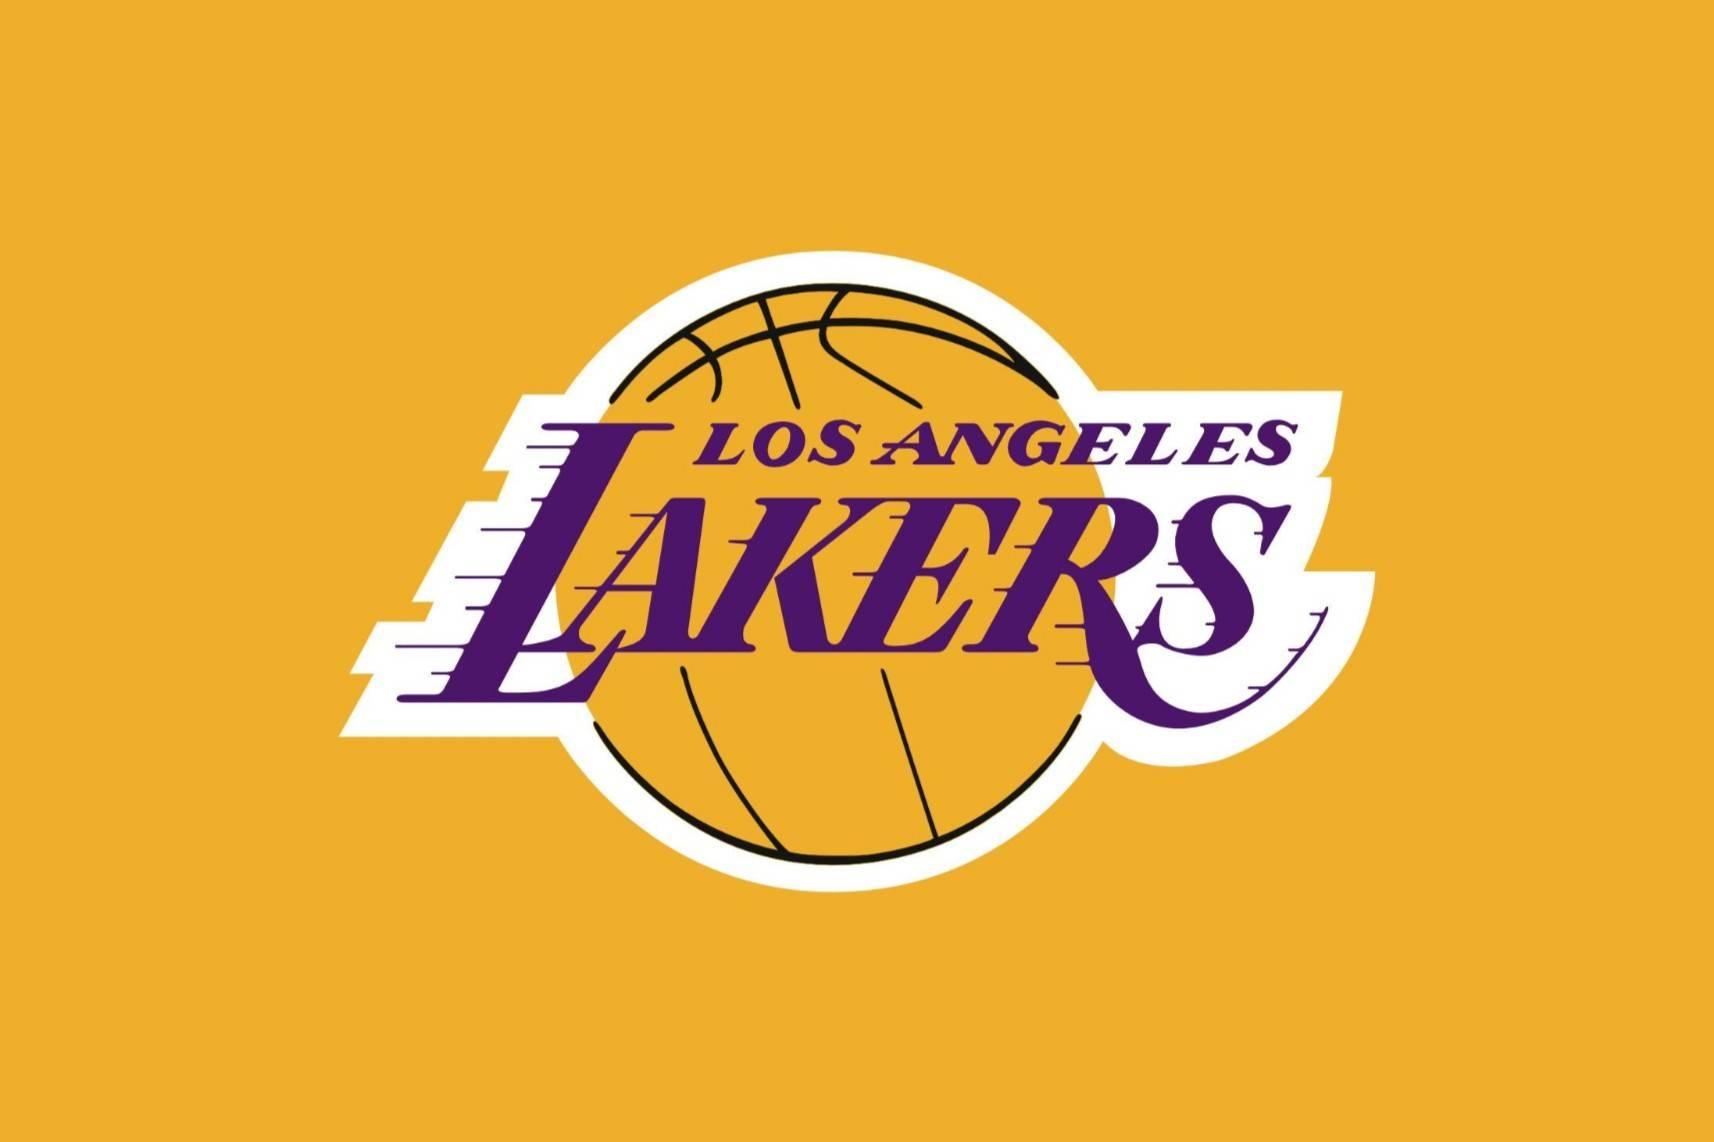 洛杉矶夕阳红队!湖人休赛期已得到8位年龄在32岁或以上的球员